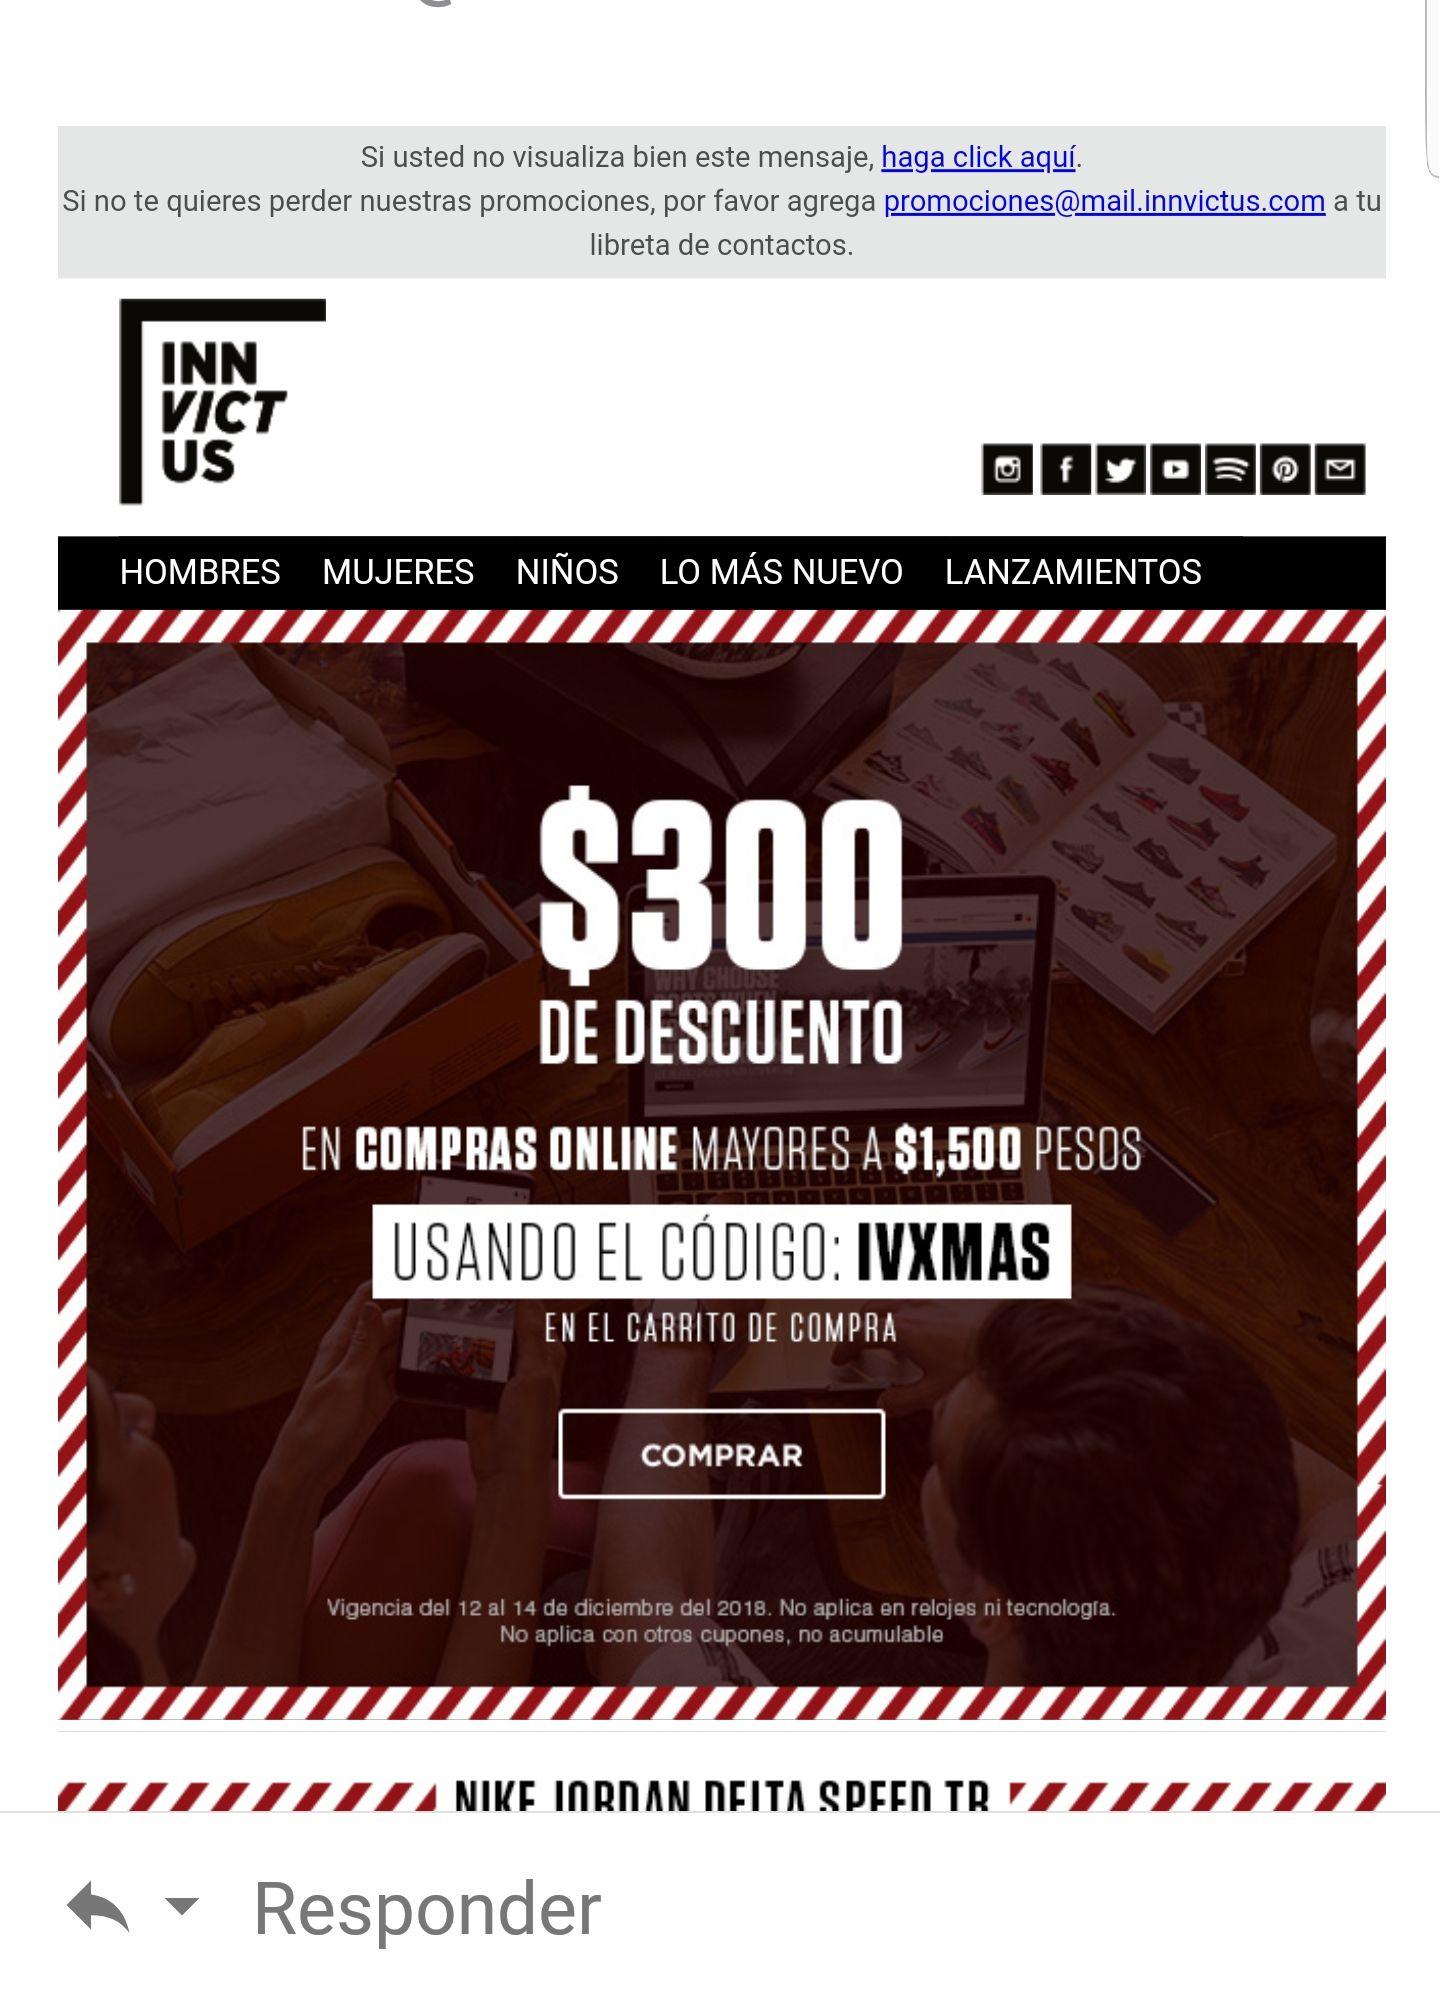 Innvictus: cupon de descuento de $300 en compras mayores a $1500